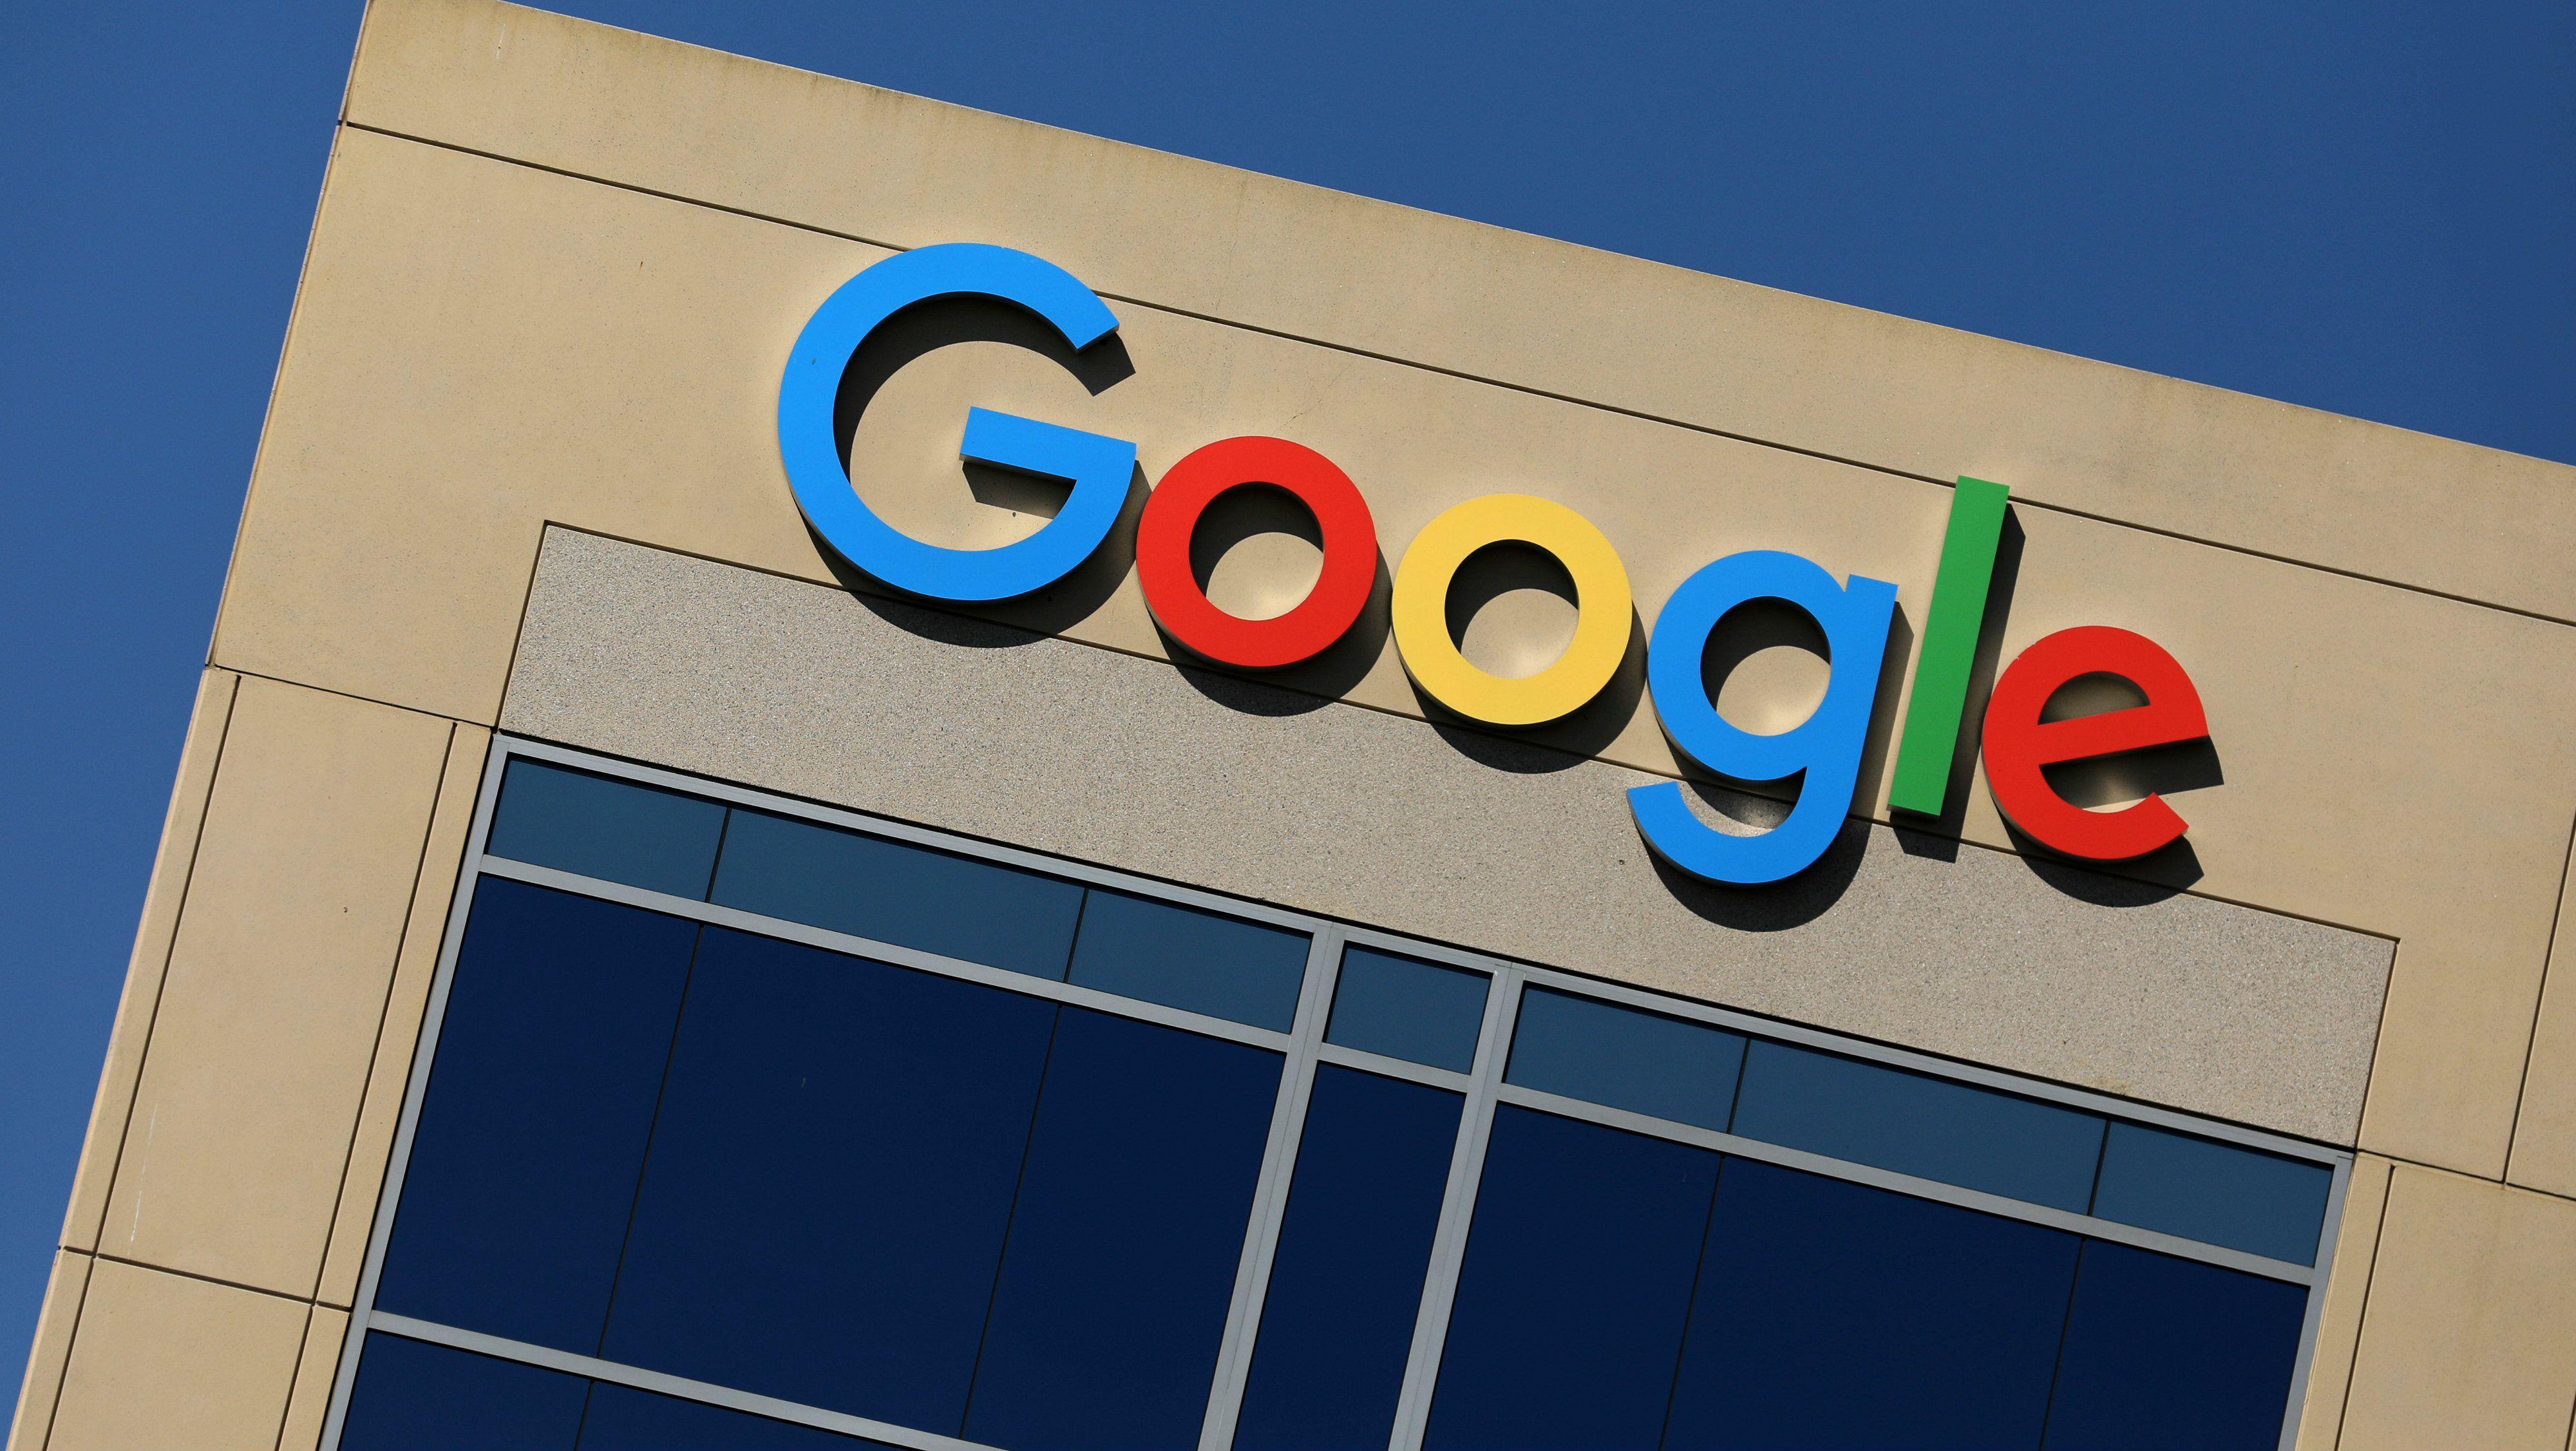 证券日报:谷歌搜索重返中国之事并不属实